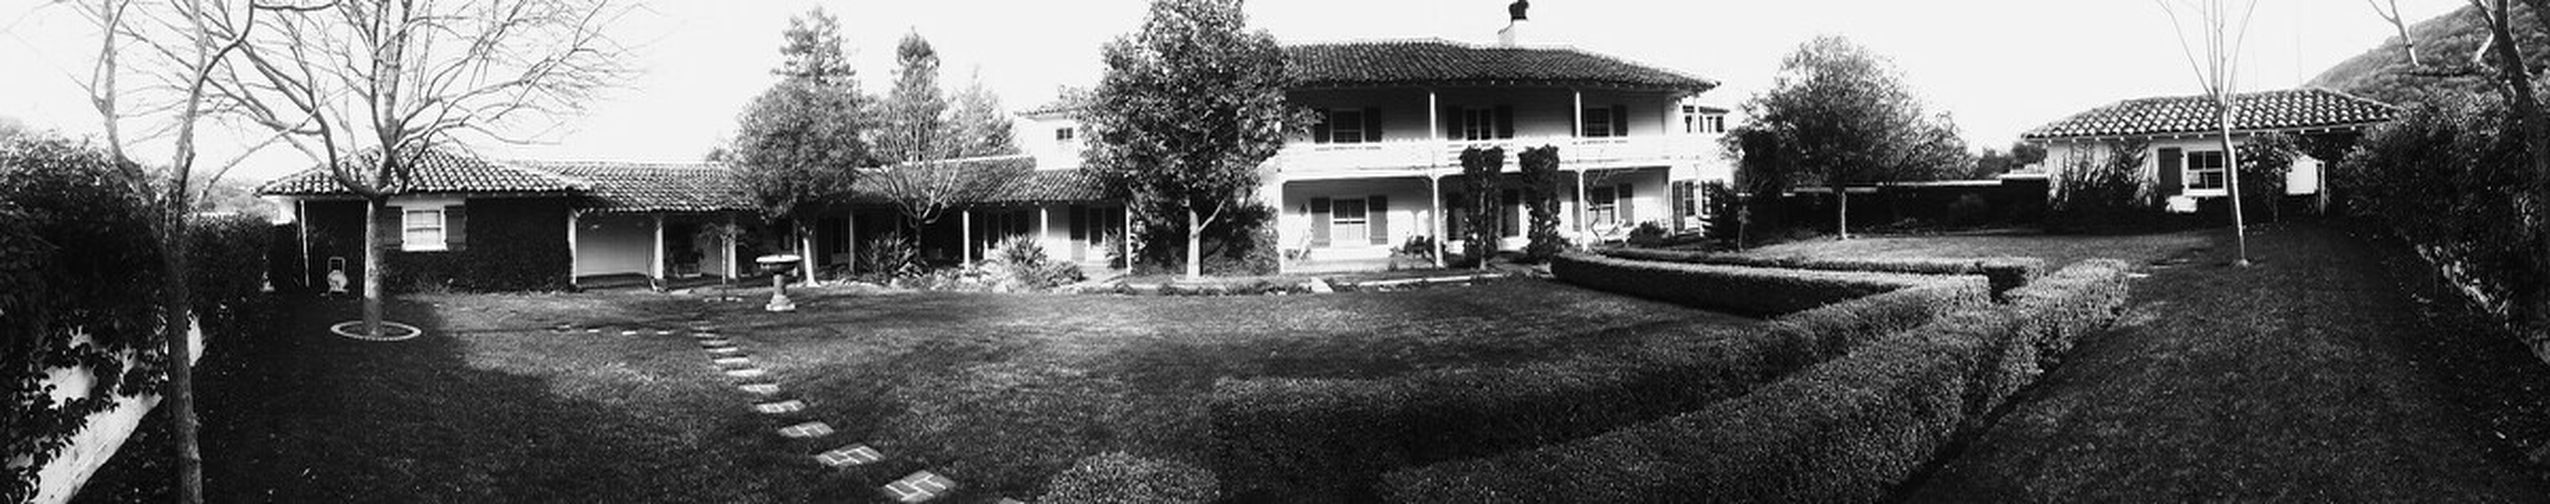 Eugene O'neill Historical Building Danville